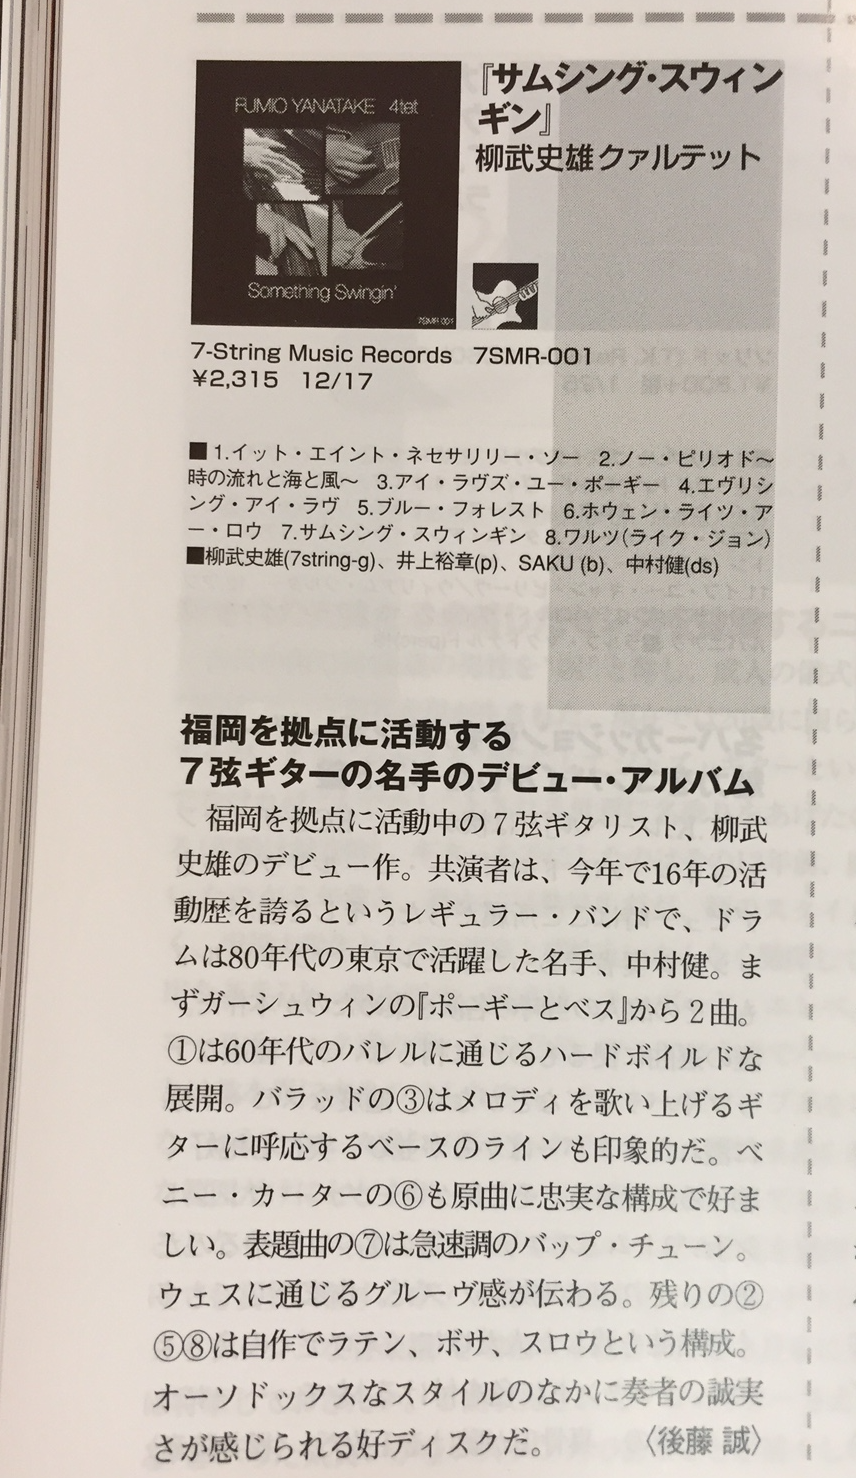 JazzLife・CD紹介文-全文